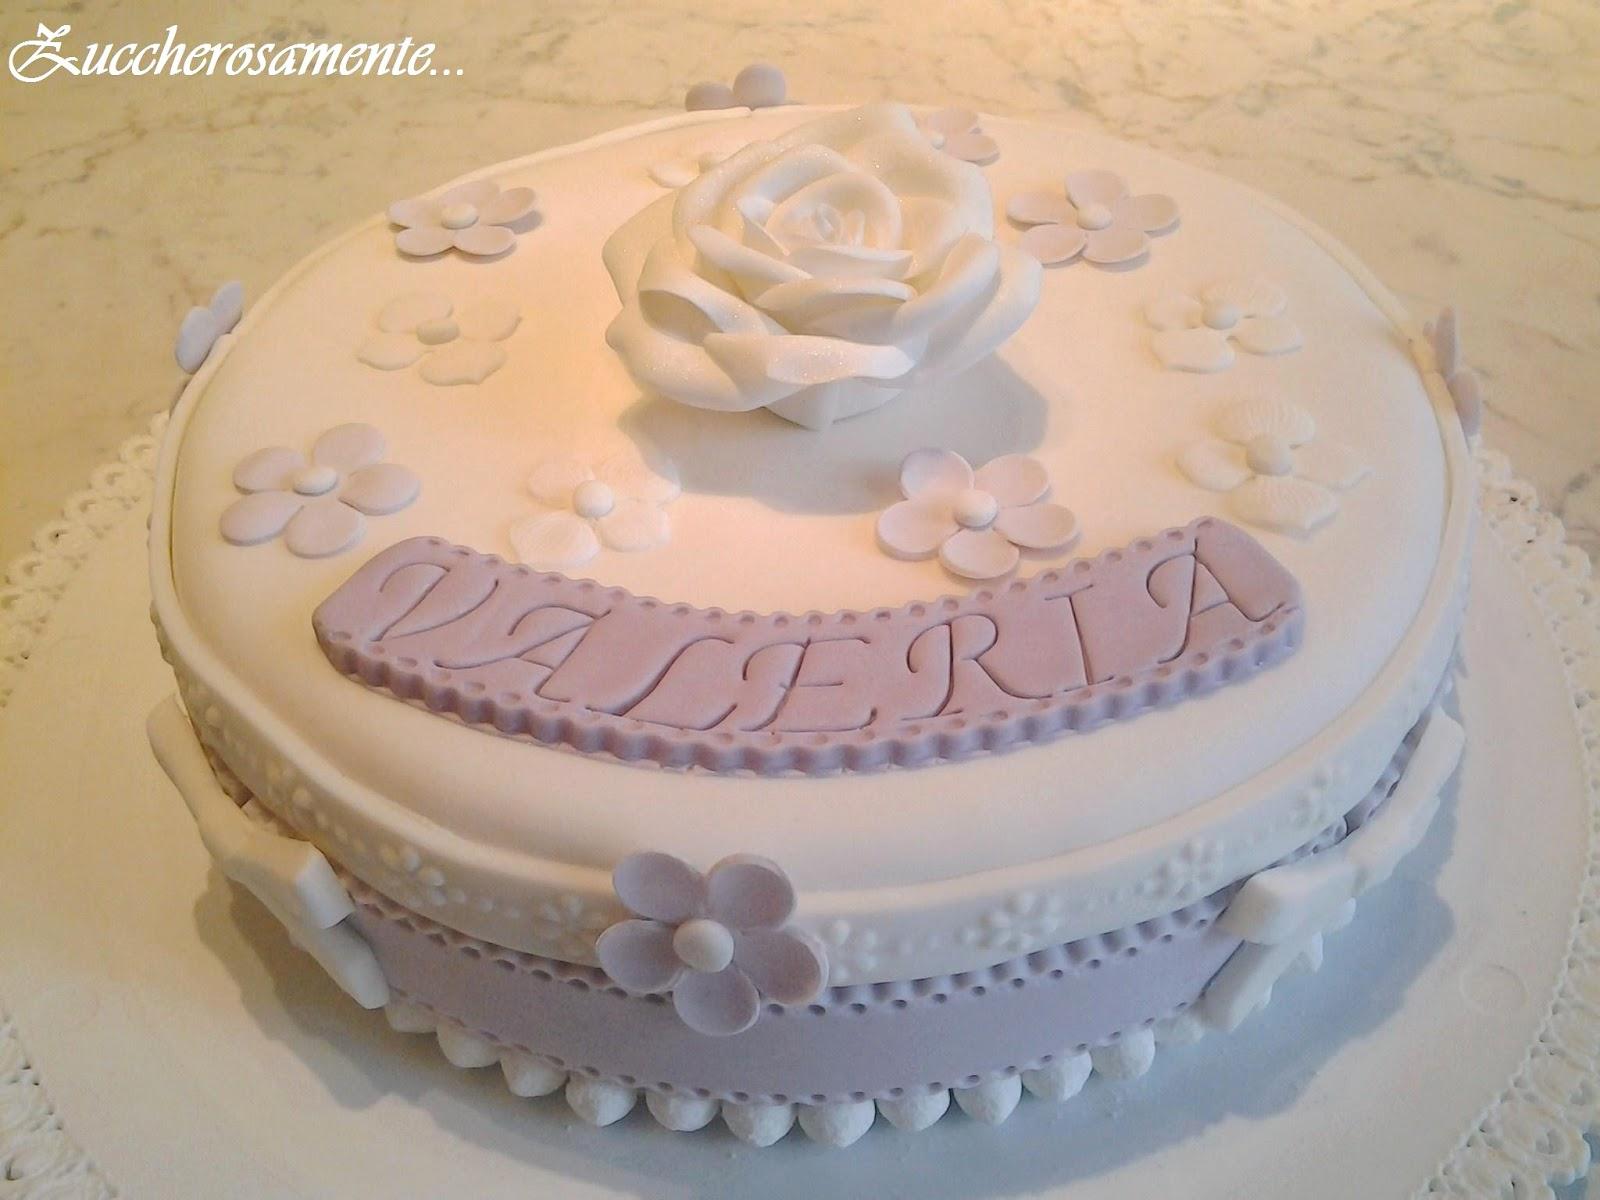 Zuccherosamente torta cresima lilla e bianca con rosa - Decorazioni per cresima ...